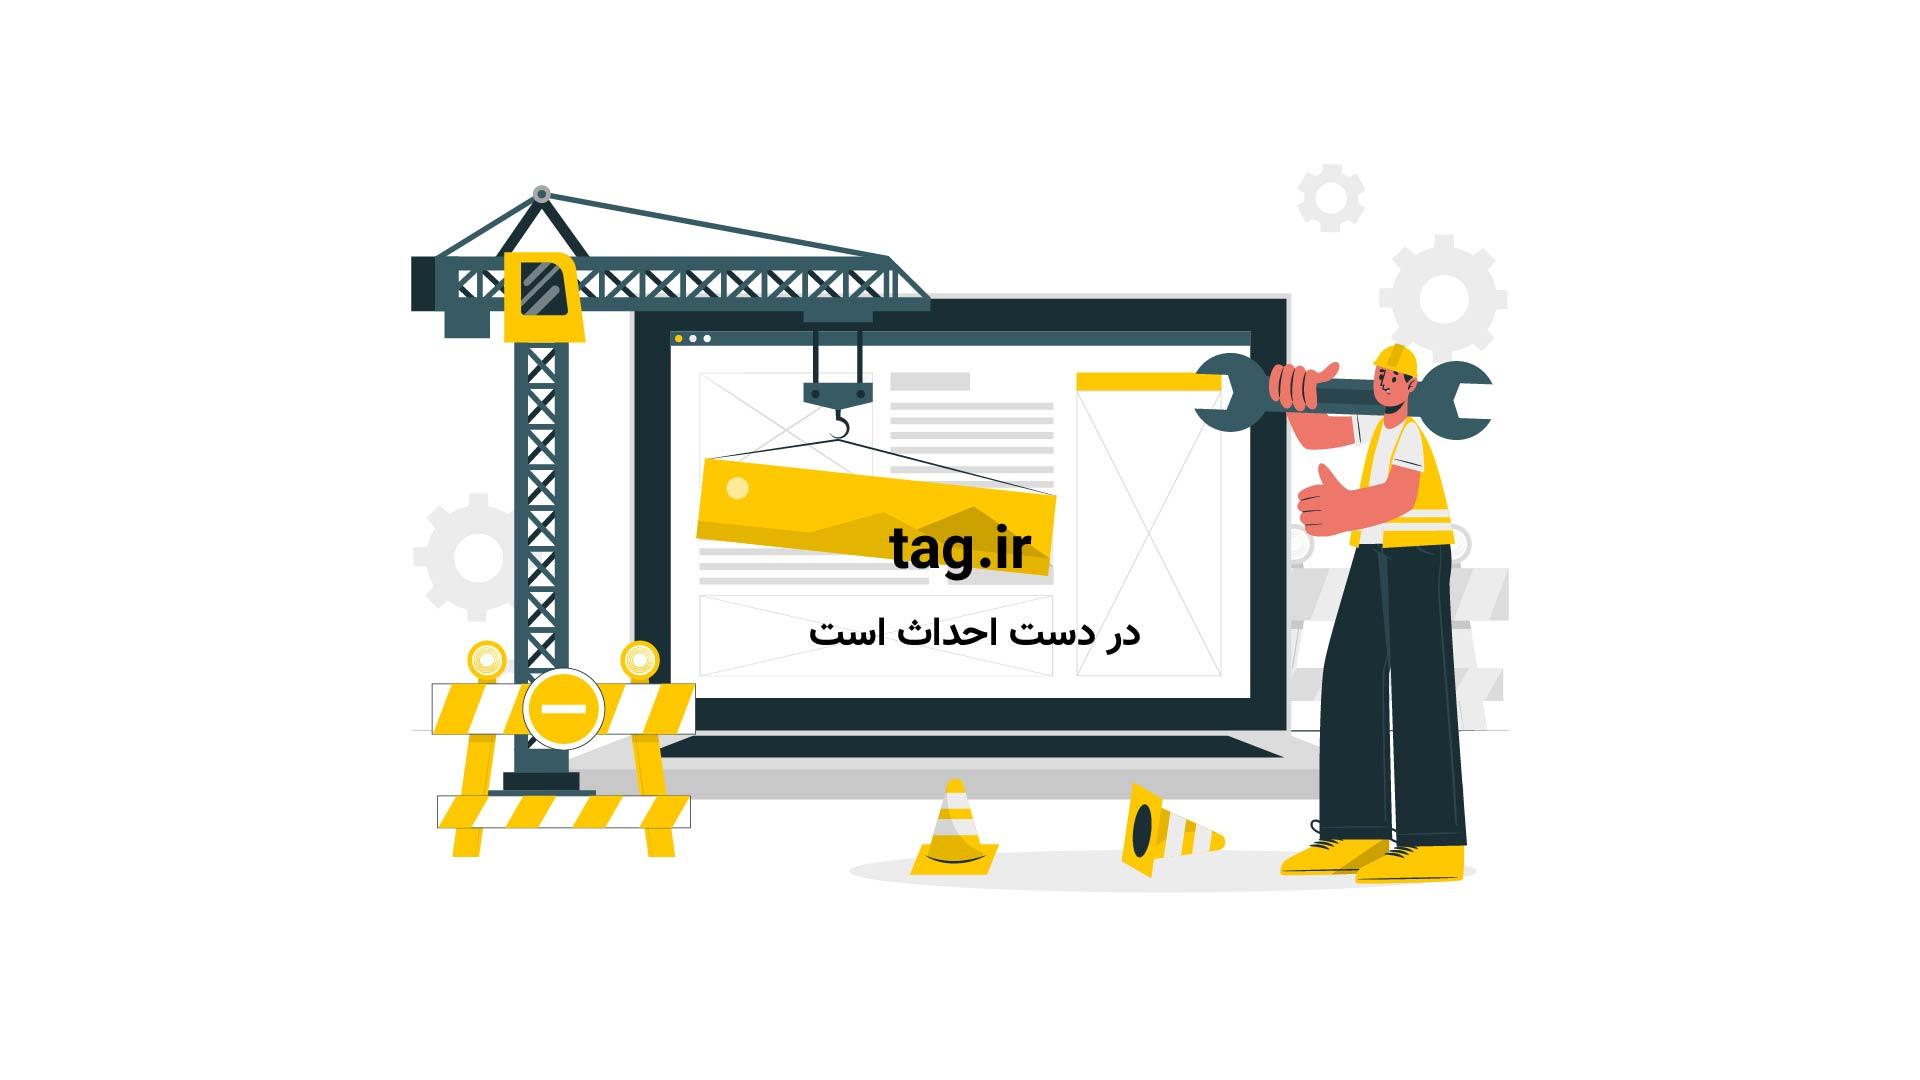 تکنیک نقاشی اکریلیک؛ آموزش کشیدن گل | فیلم